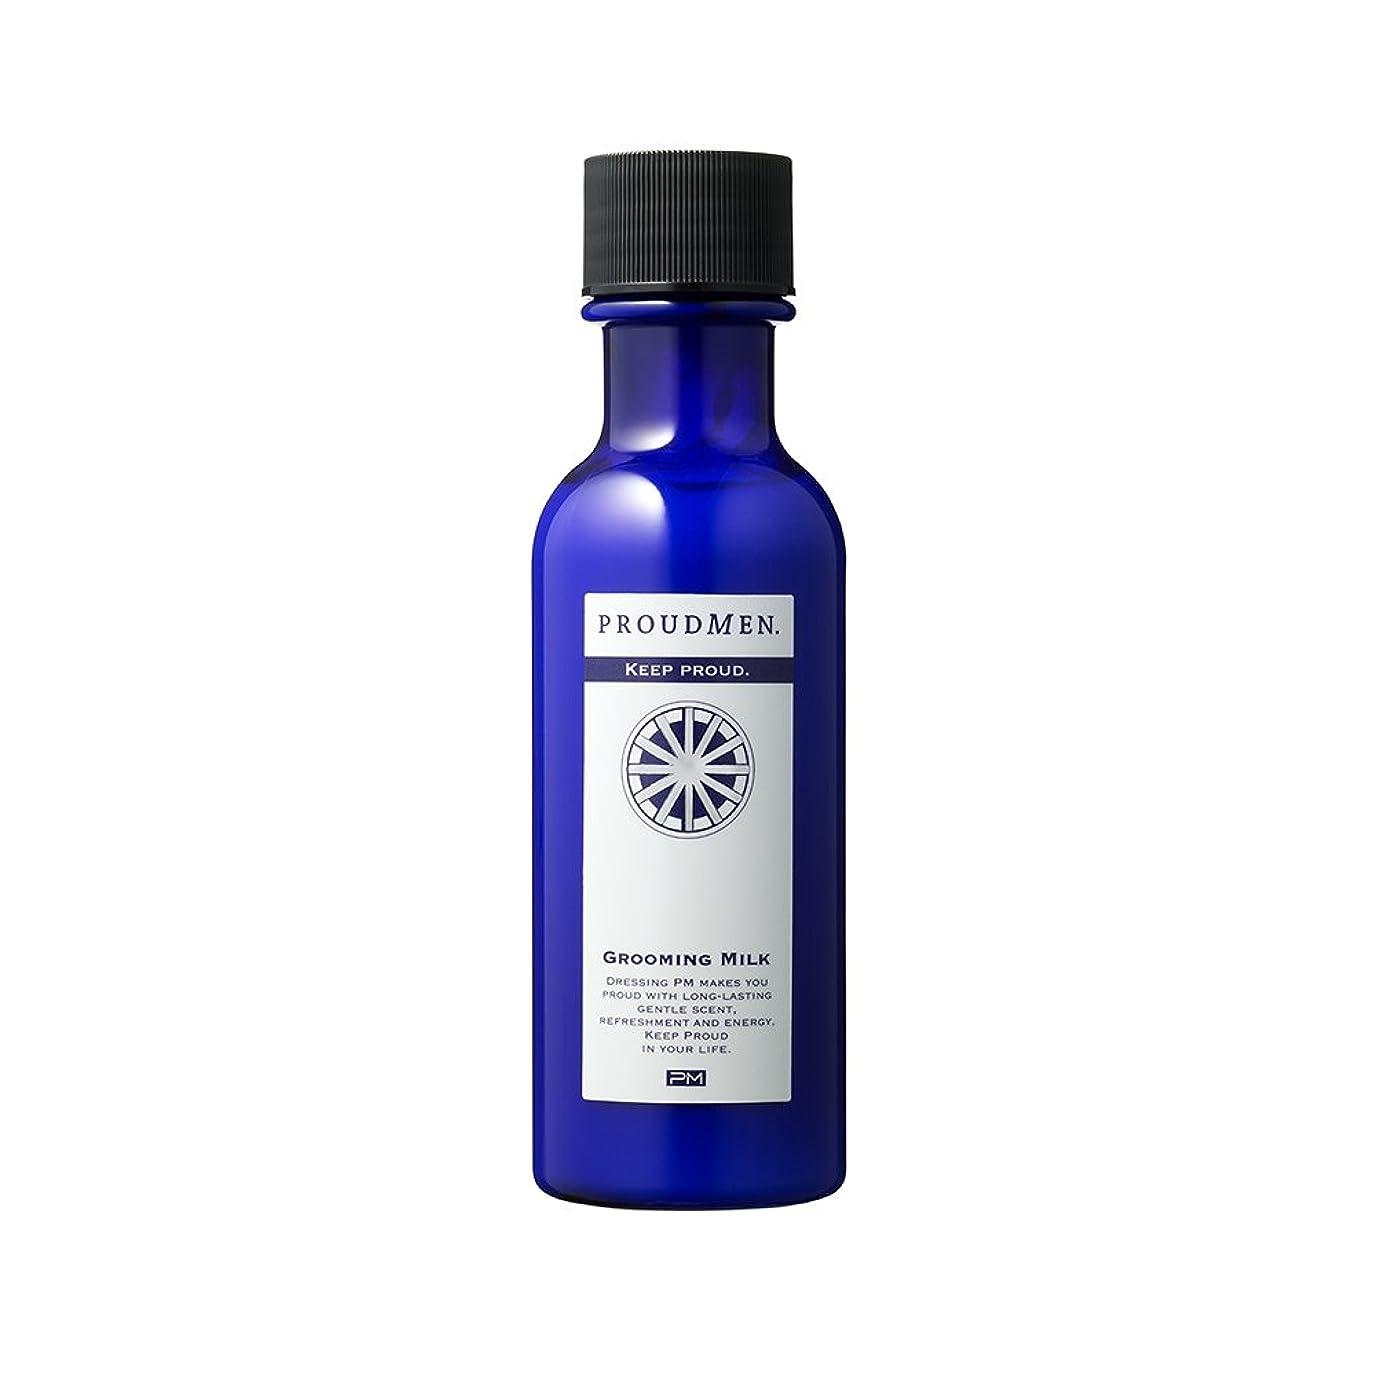 おとなしいフルート強制プラウドメン グルーミングミルク 100ml 化粧水 メンズ アフターシェーブ